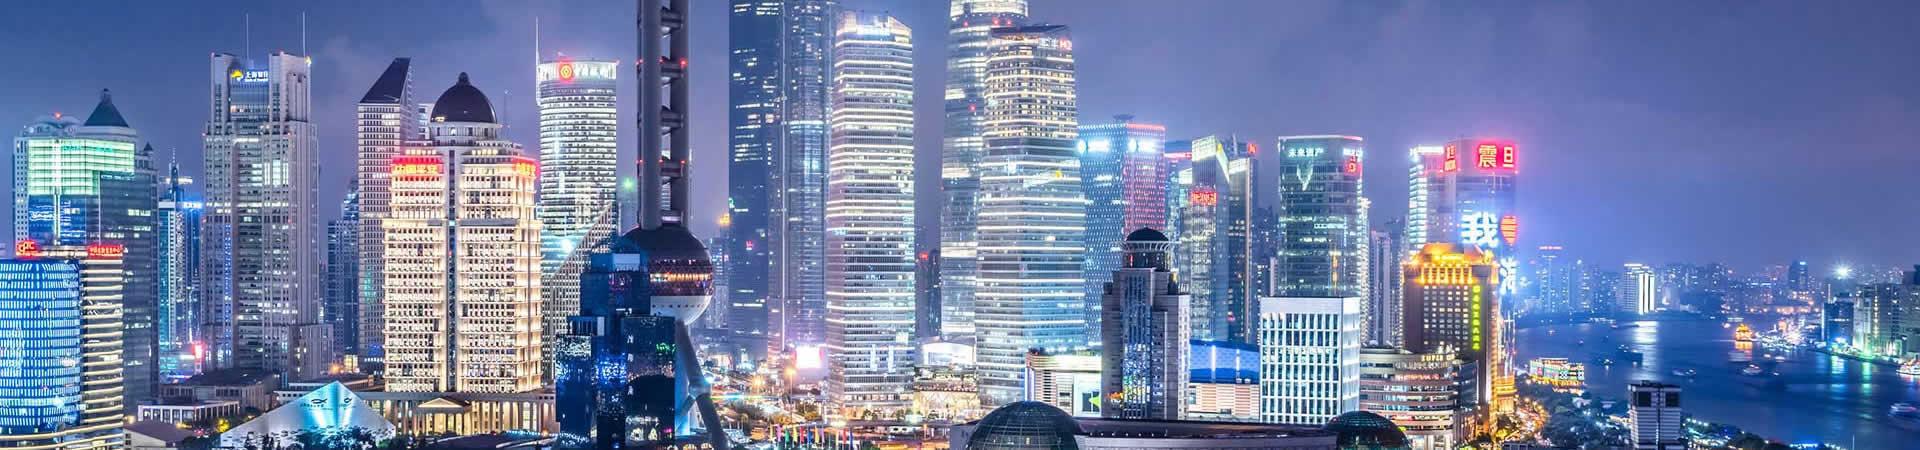 通过创新和持续改进,引领中国最先进的绿色能源解决方案及碳化硅功率器件的开发和制造技术